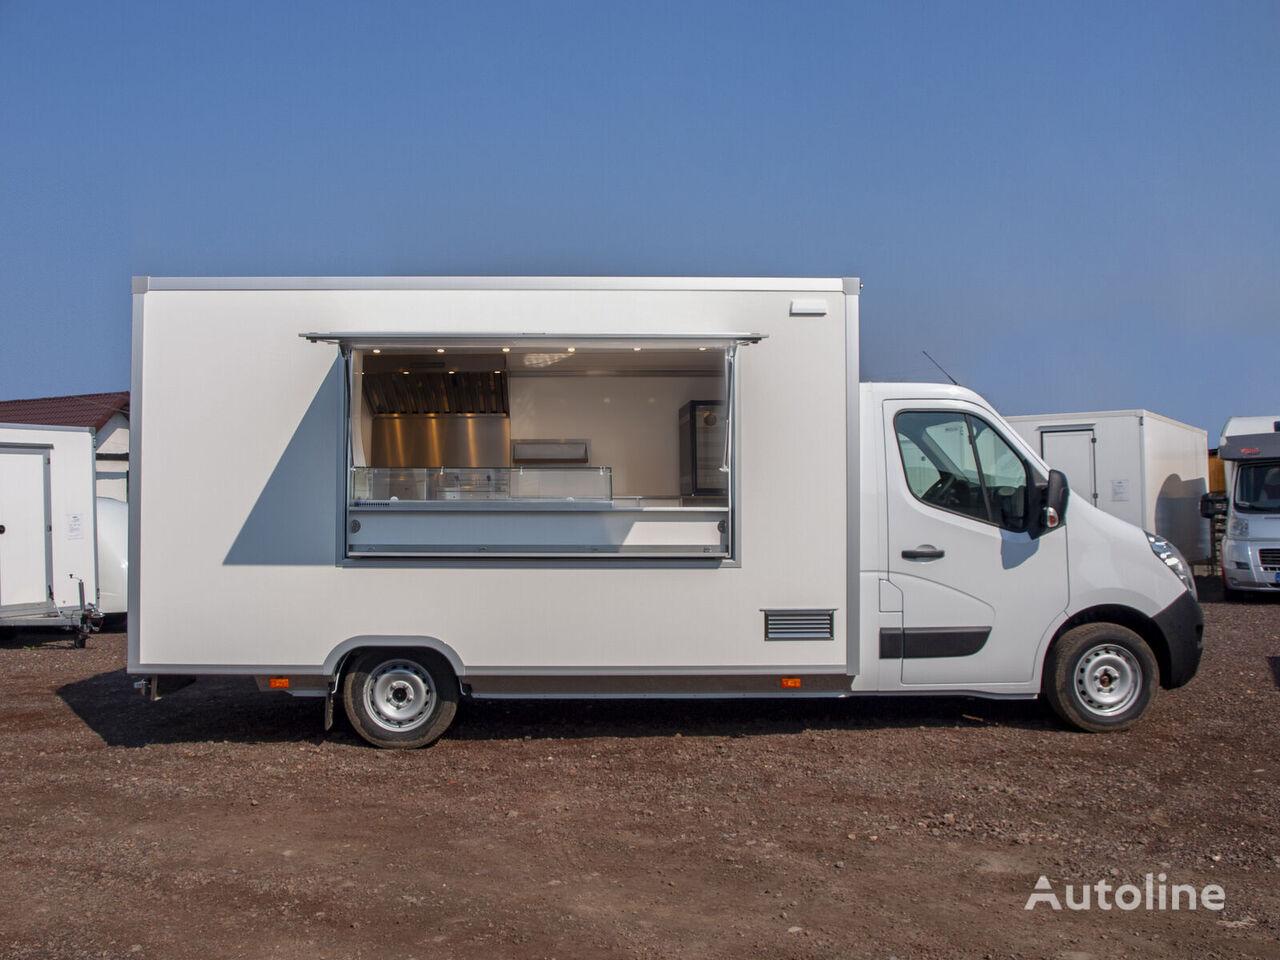 جديدة شاحنة بيع المنتجات < 3.5 أقدام BANNERT FOOD TRUCK Imbiss Handlowy